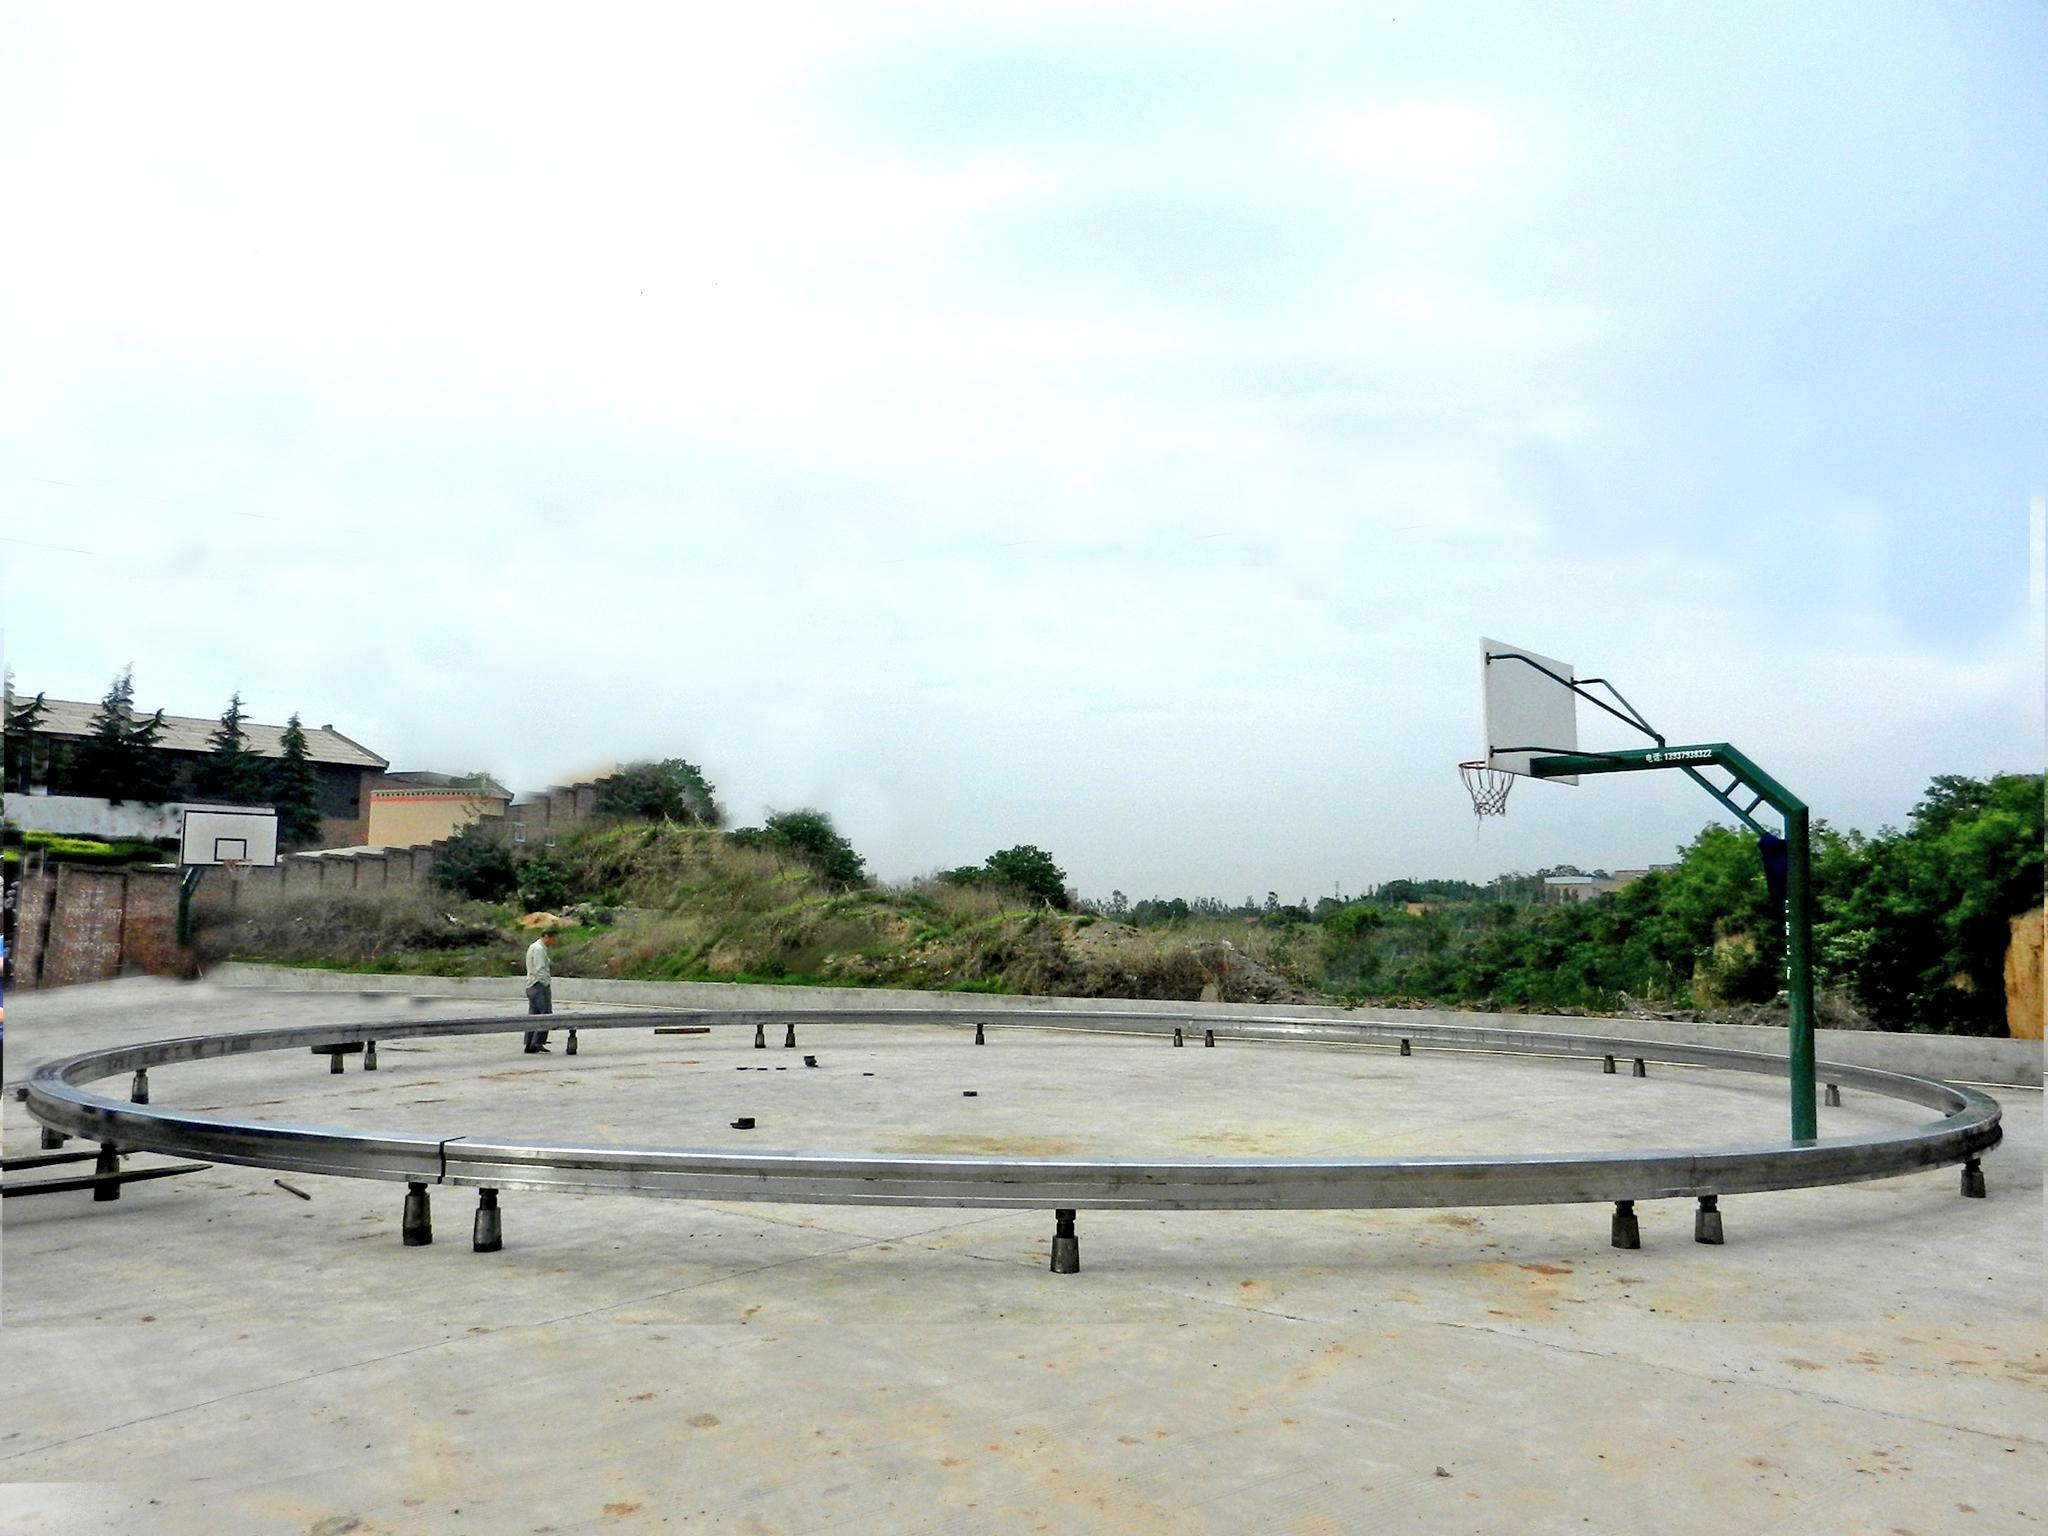 16米直径环轨预组装